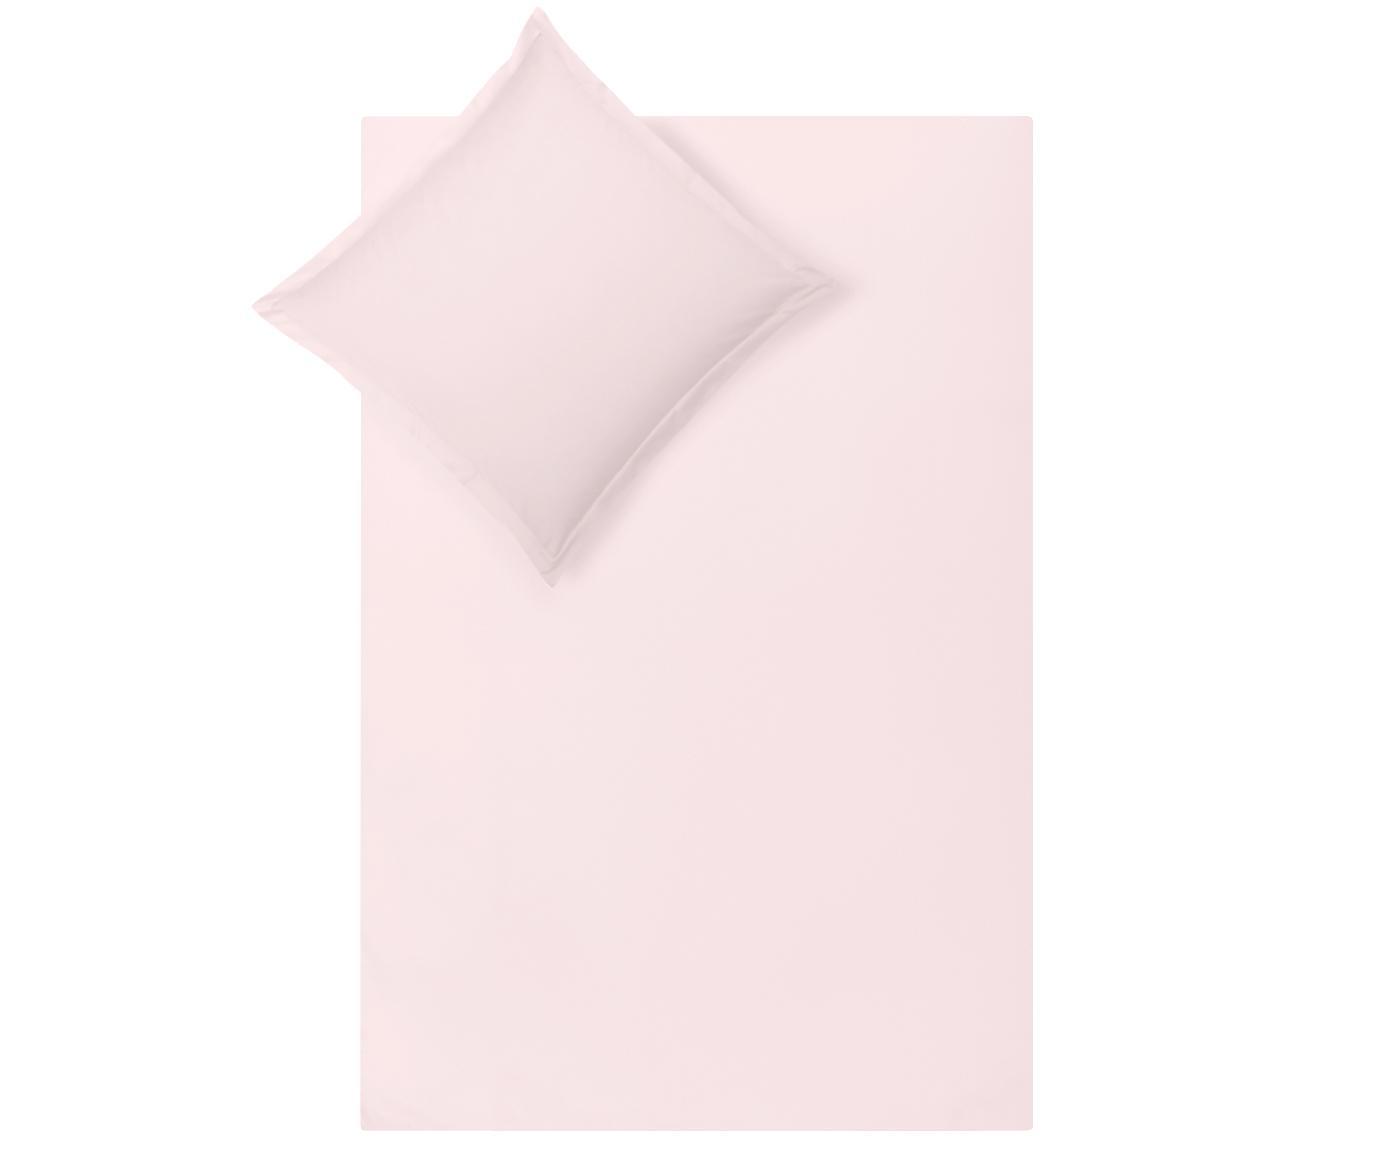 Pościel z satyny bawełnianej Premium, Blady różowy, 240 x 220 cm